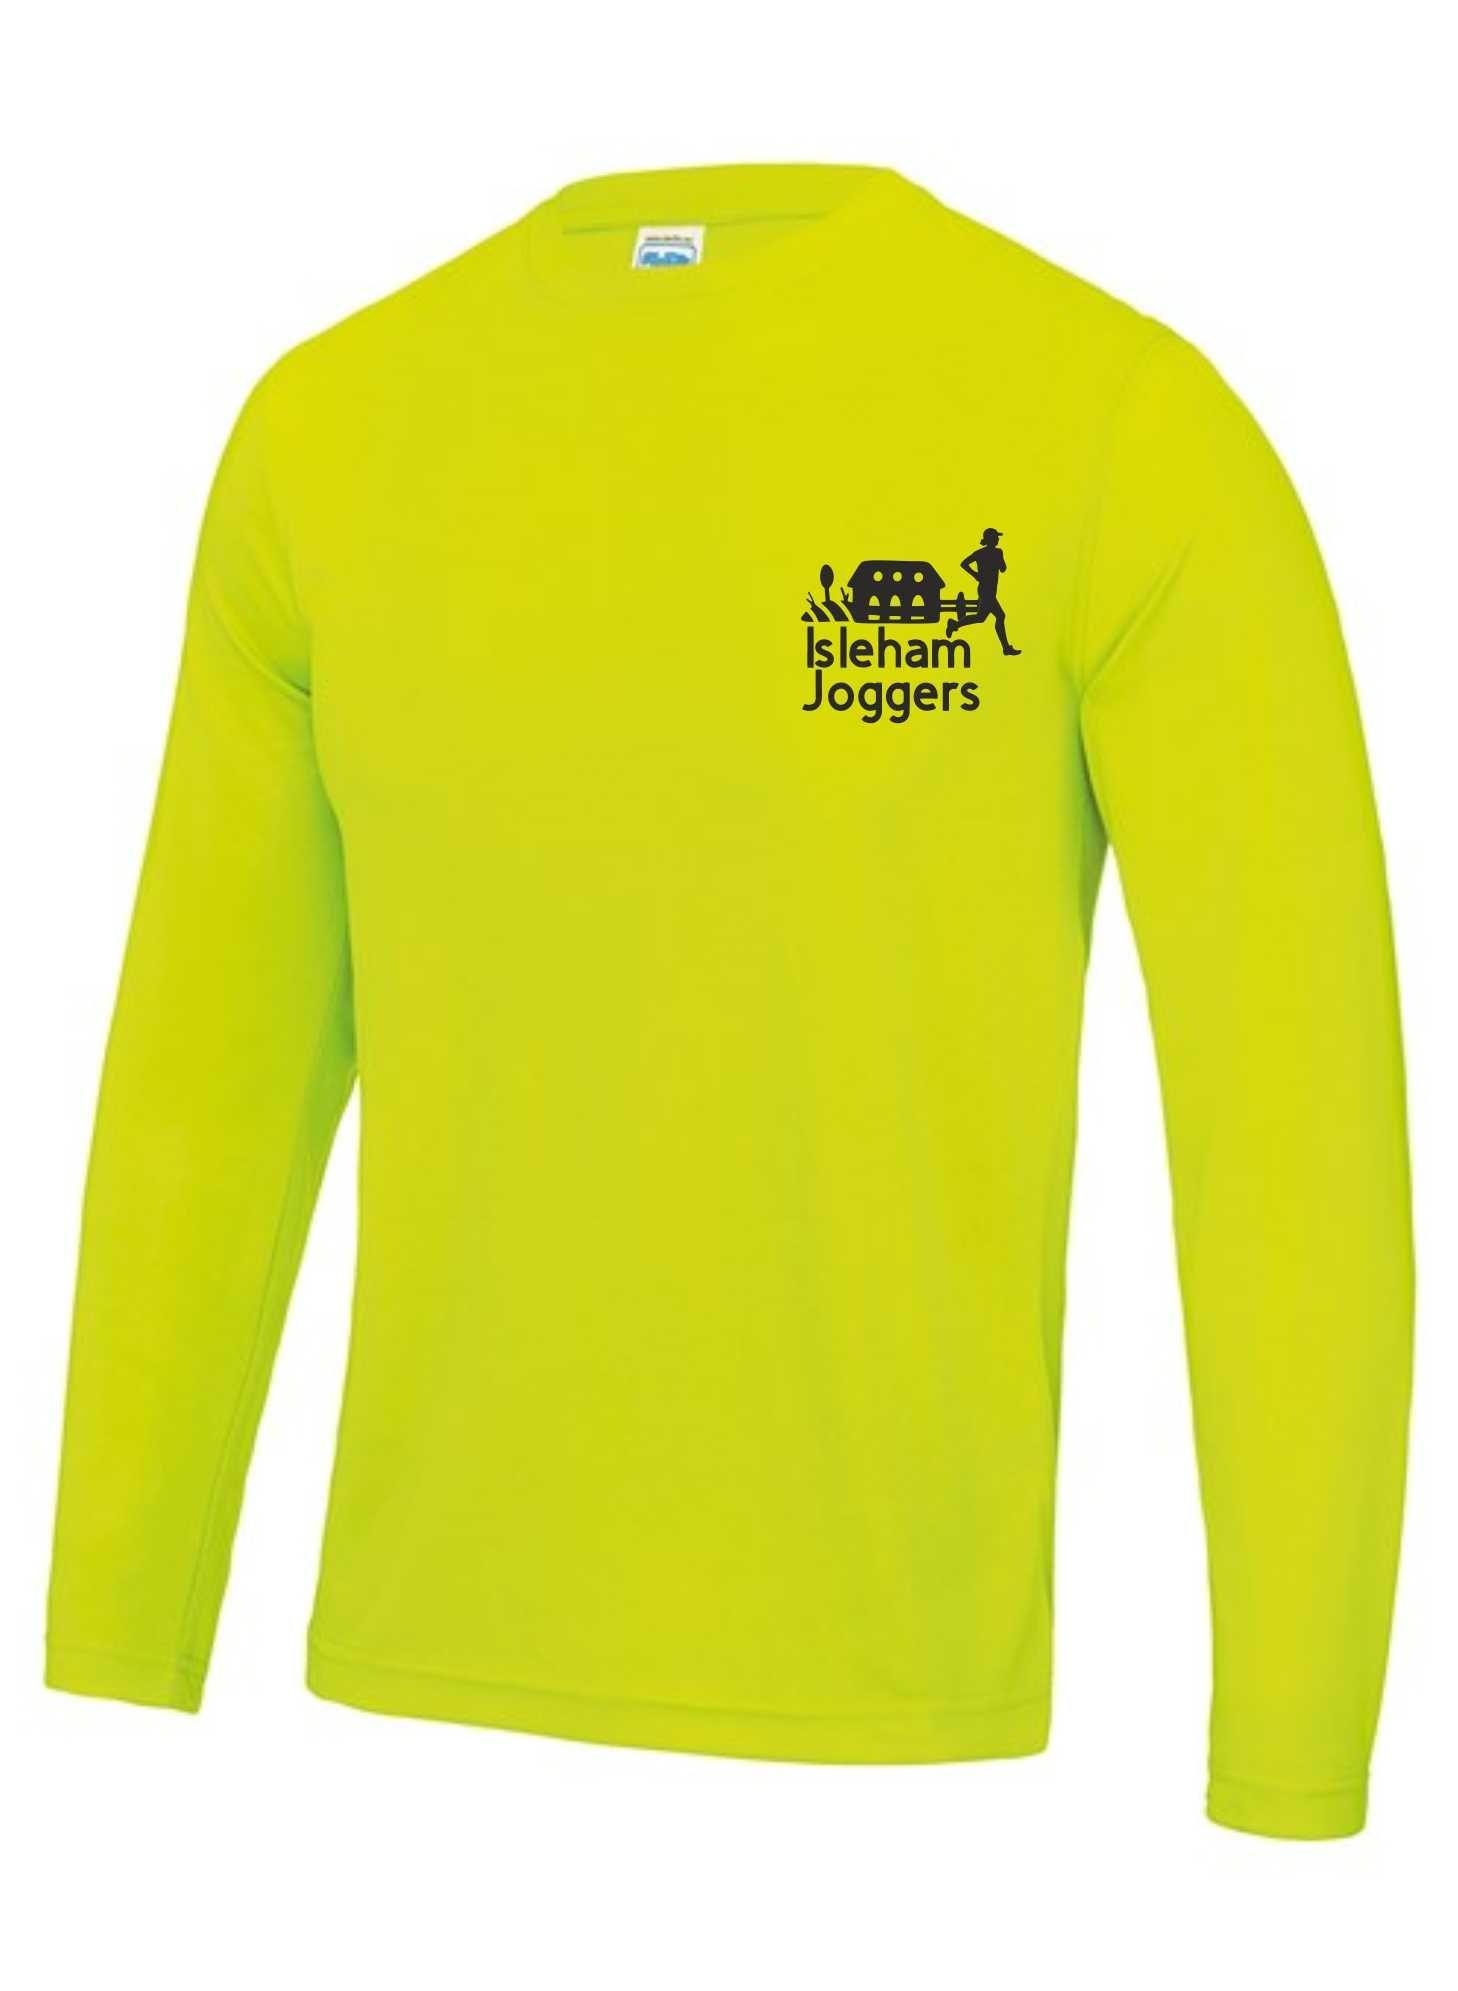 Isleham Joggers- Men's L/S T-Shirt